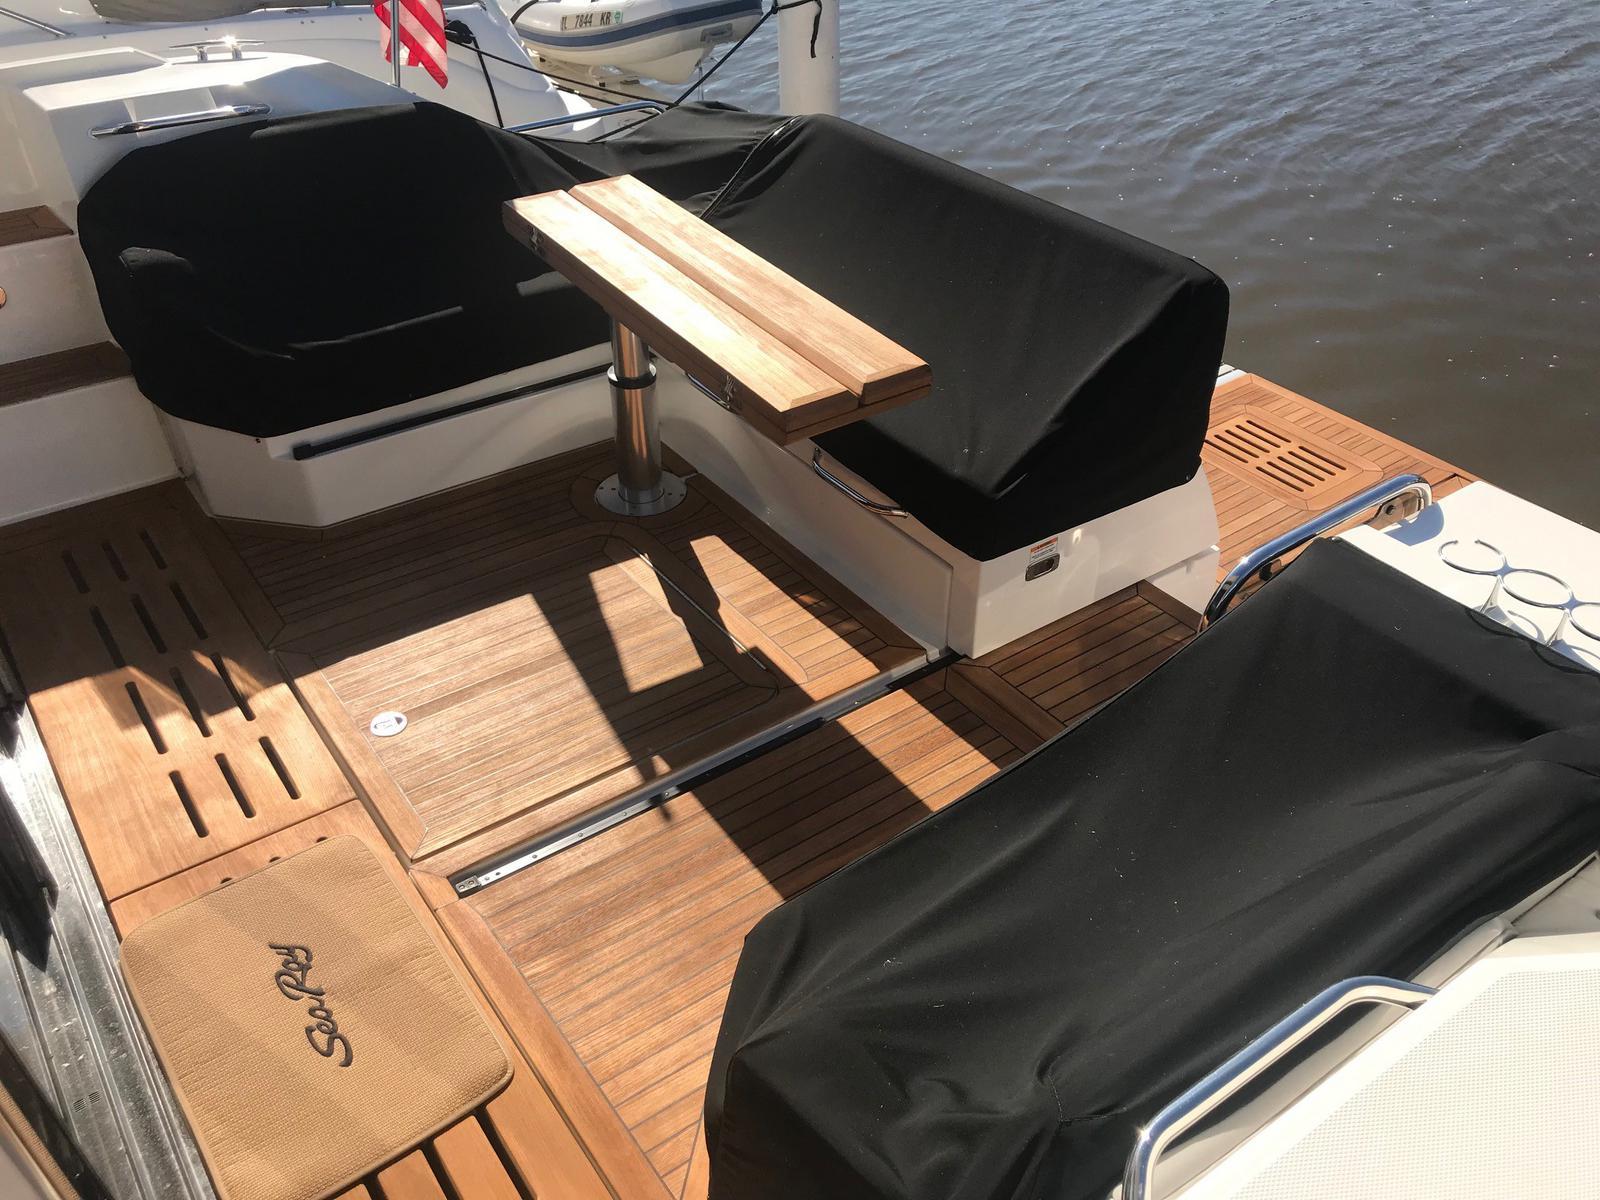 2018 Sea Ray 520 Sundancer for sale in Michigan City, IN  B & E